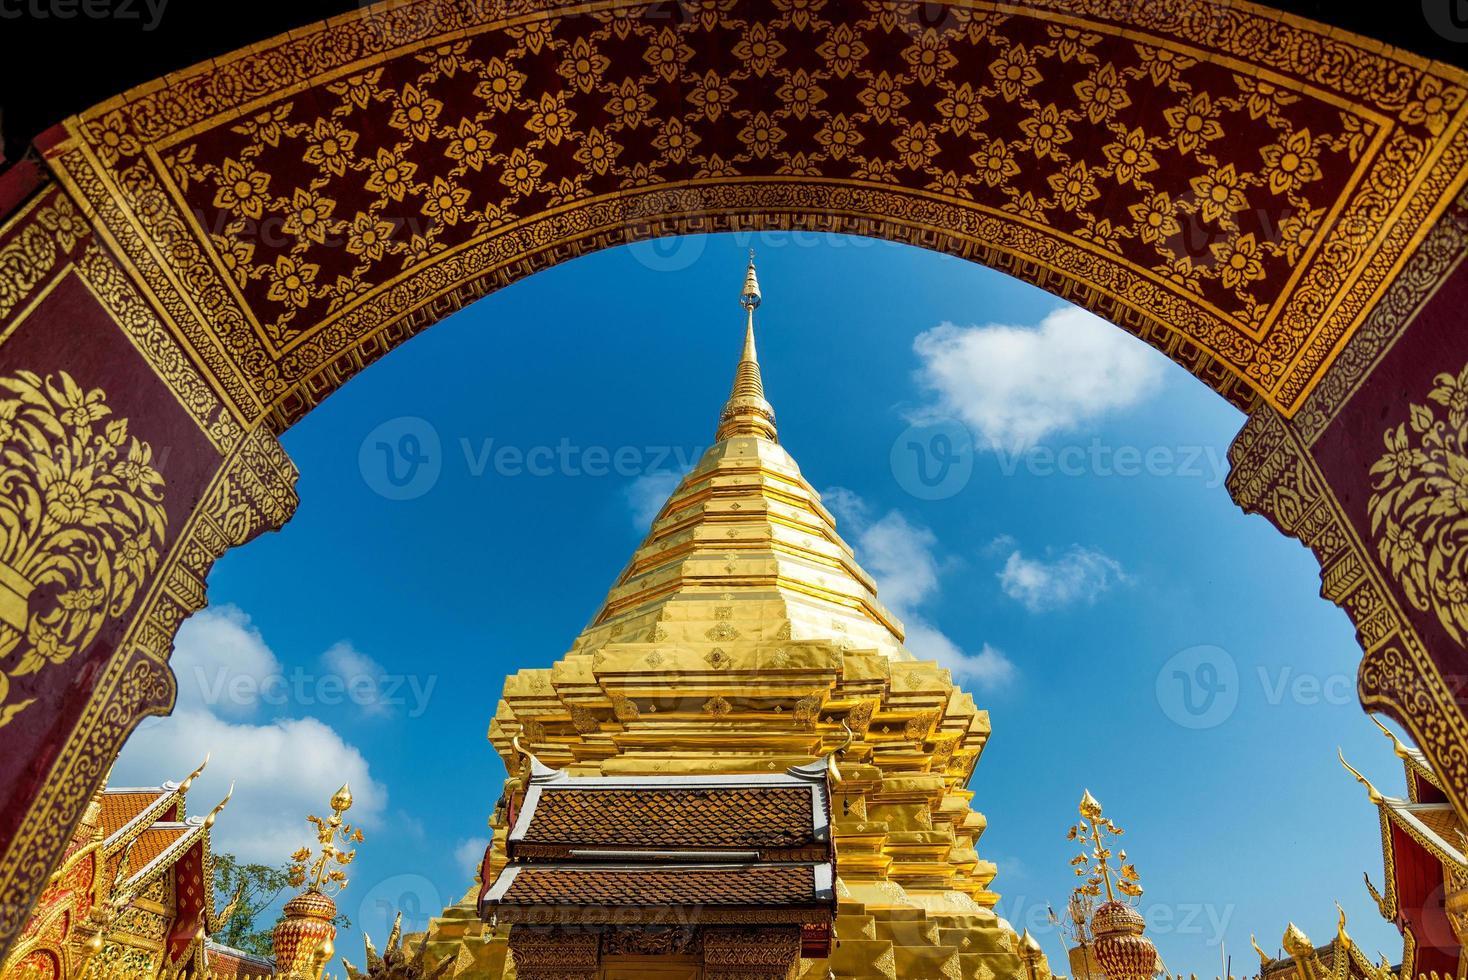 wat phra que doi suthep templo em chiang mai, Tailândia foto